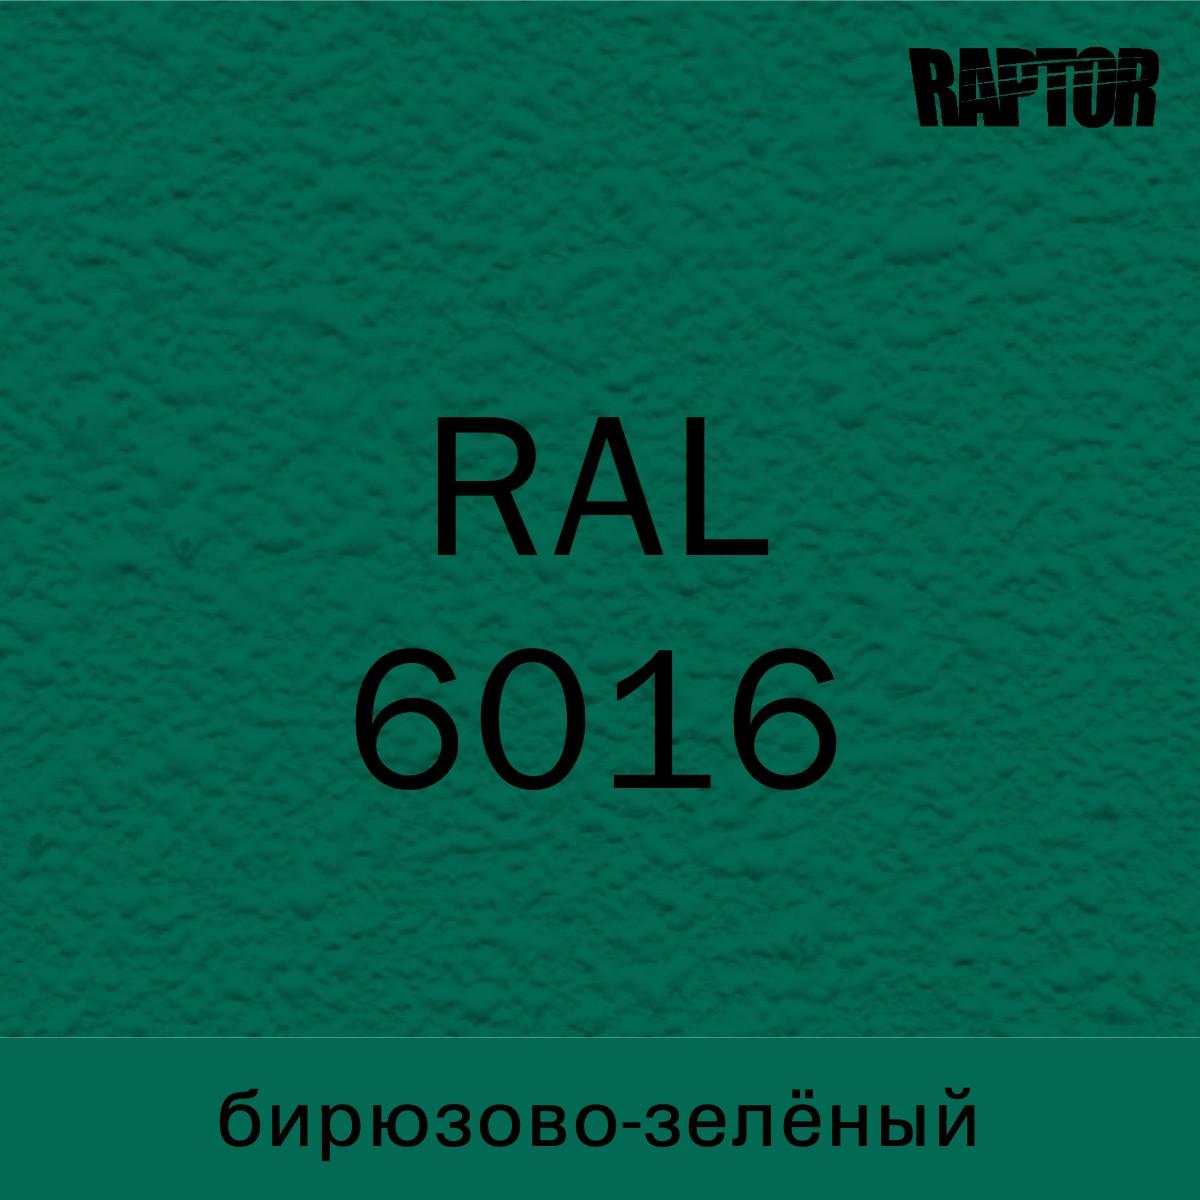 Пигмент для колеровки покрытия RAPTOR™ Бирюзово-зелёный (RAL 6016)